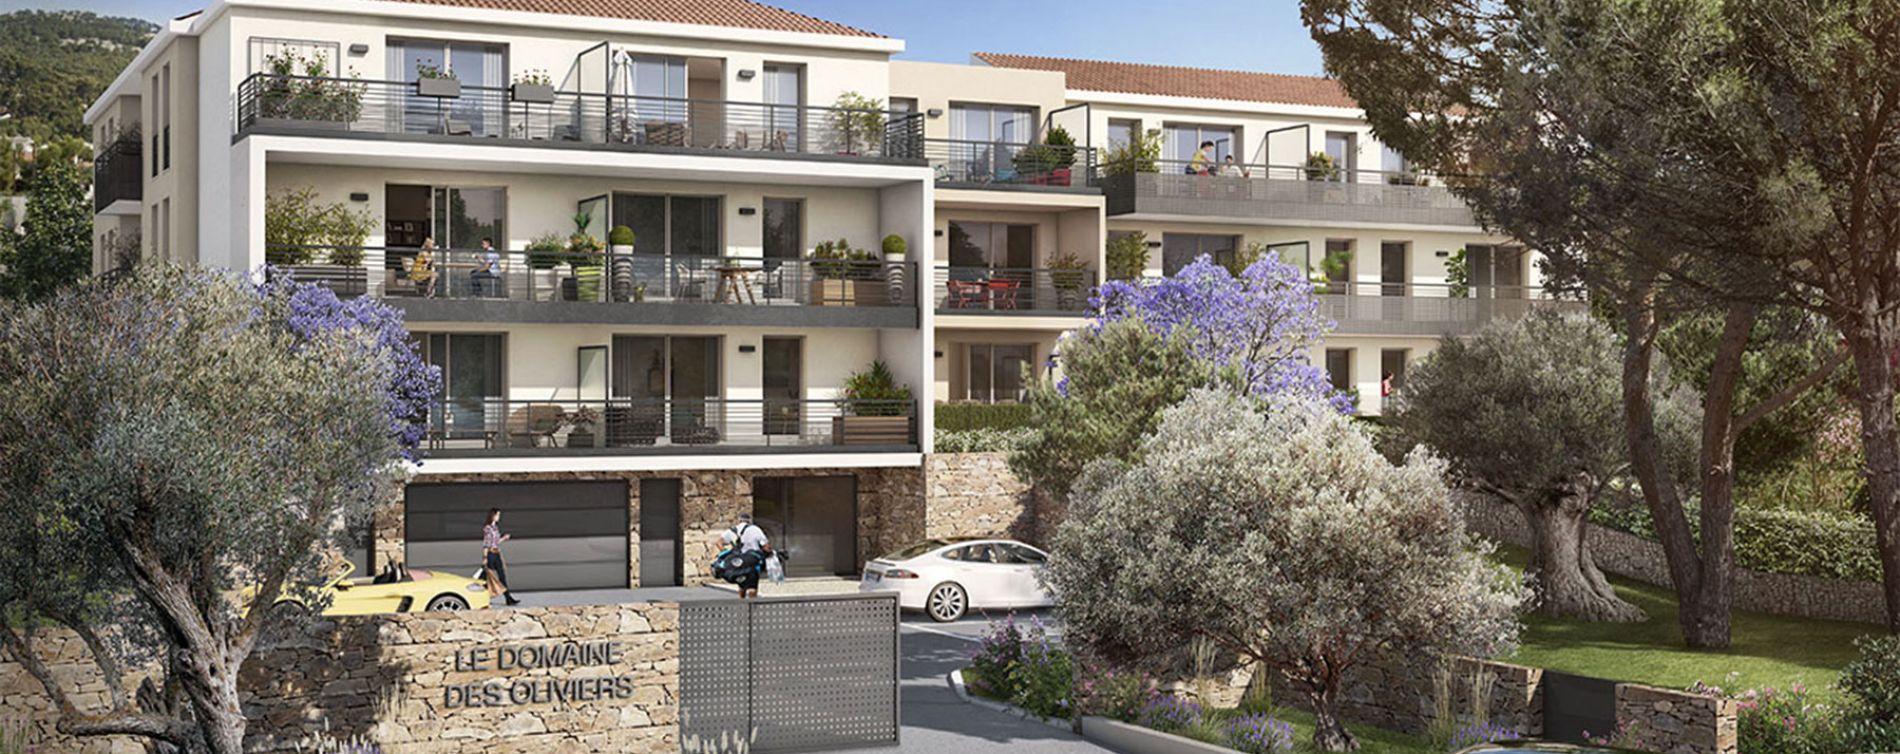 Résidence Domaine des Oliviers à Toulon